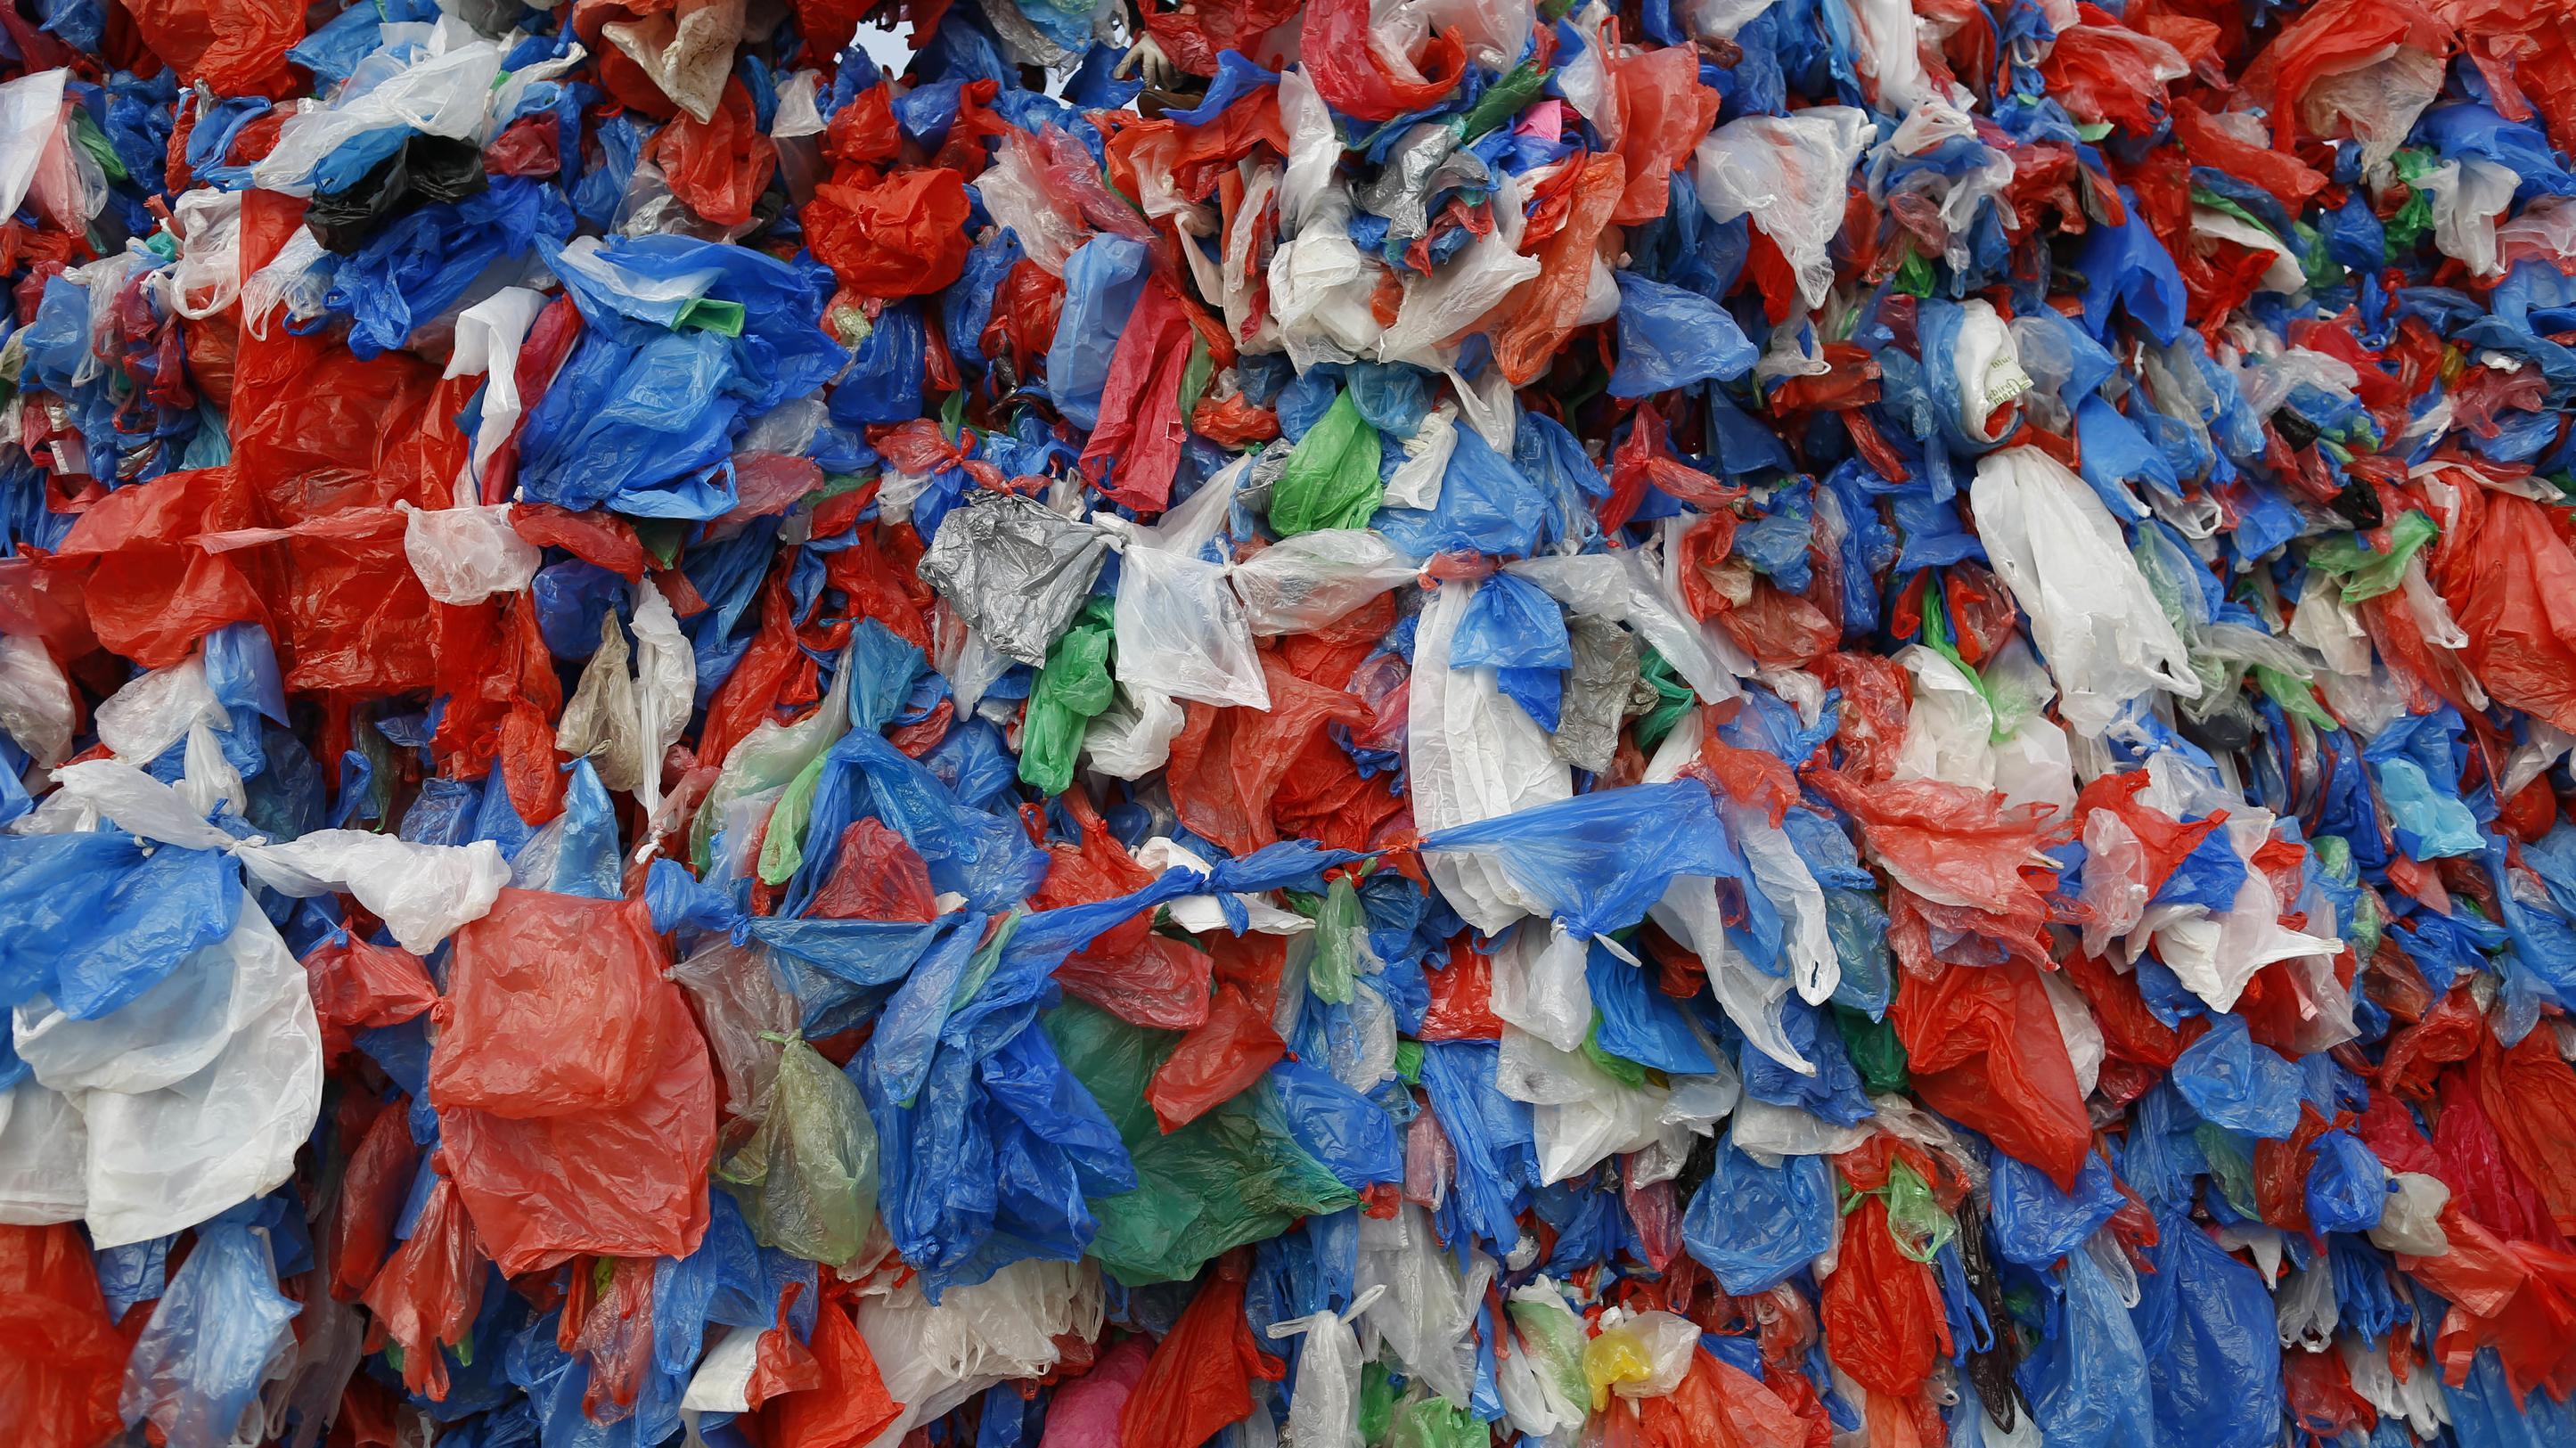 Zahlreiche gebrauchte Plastiktüten liegen auf einem Haufen